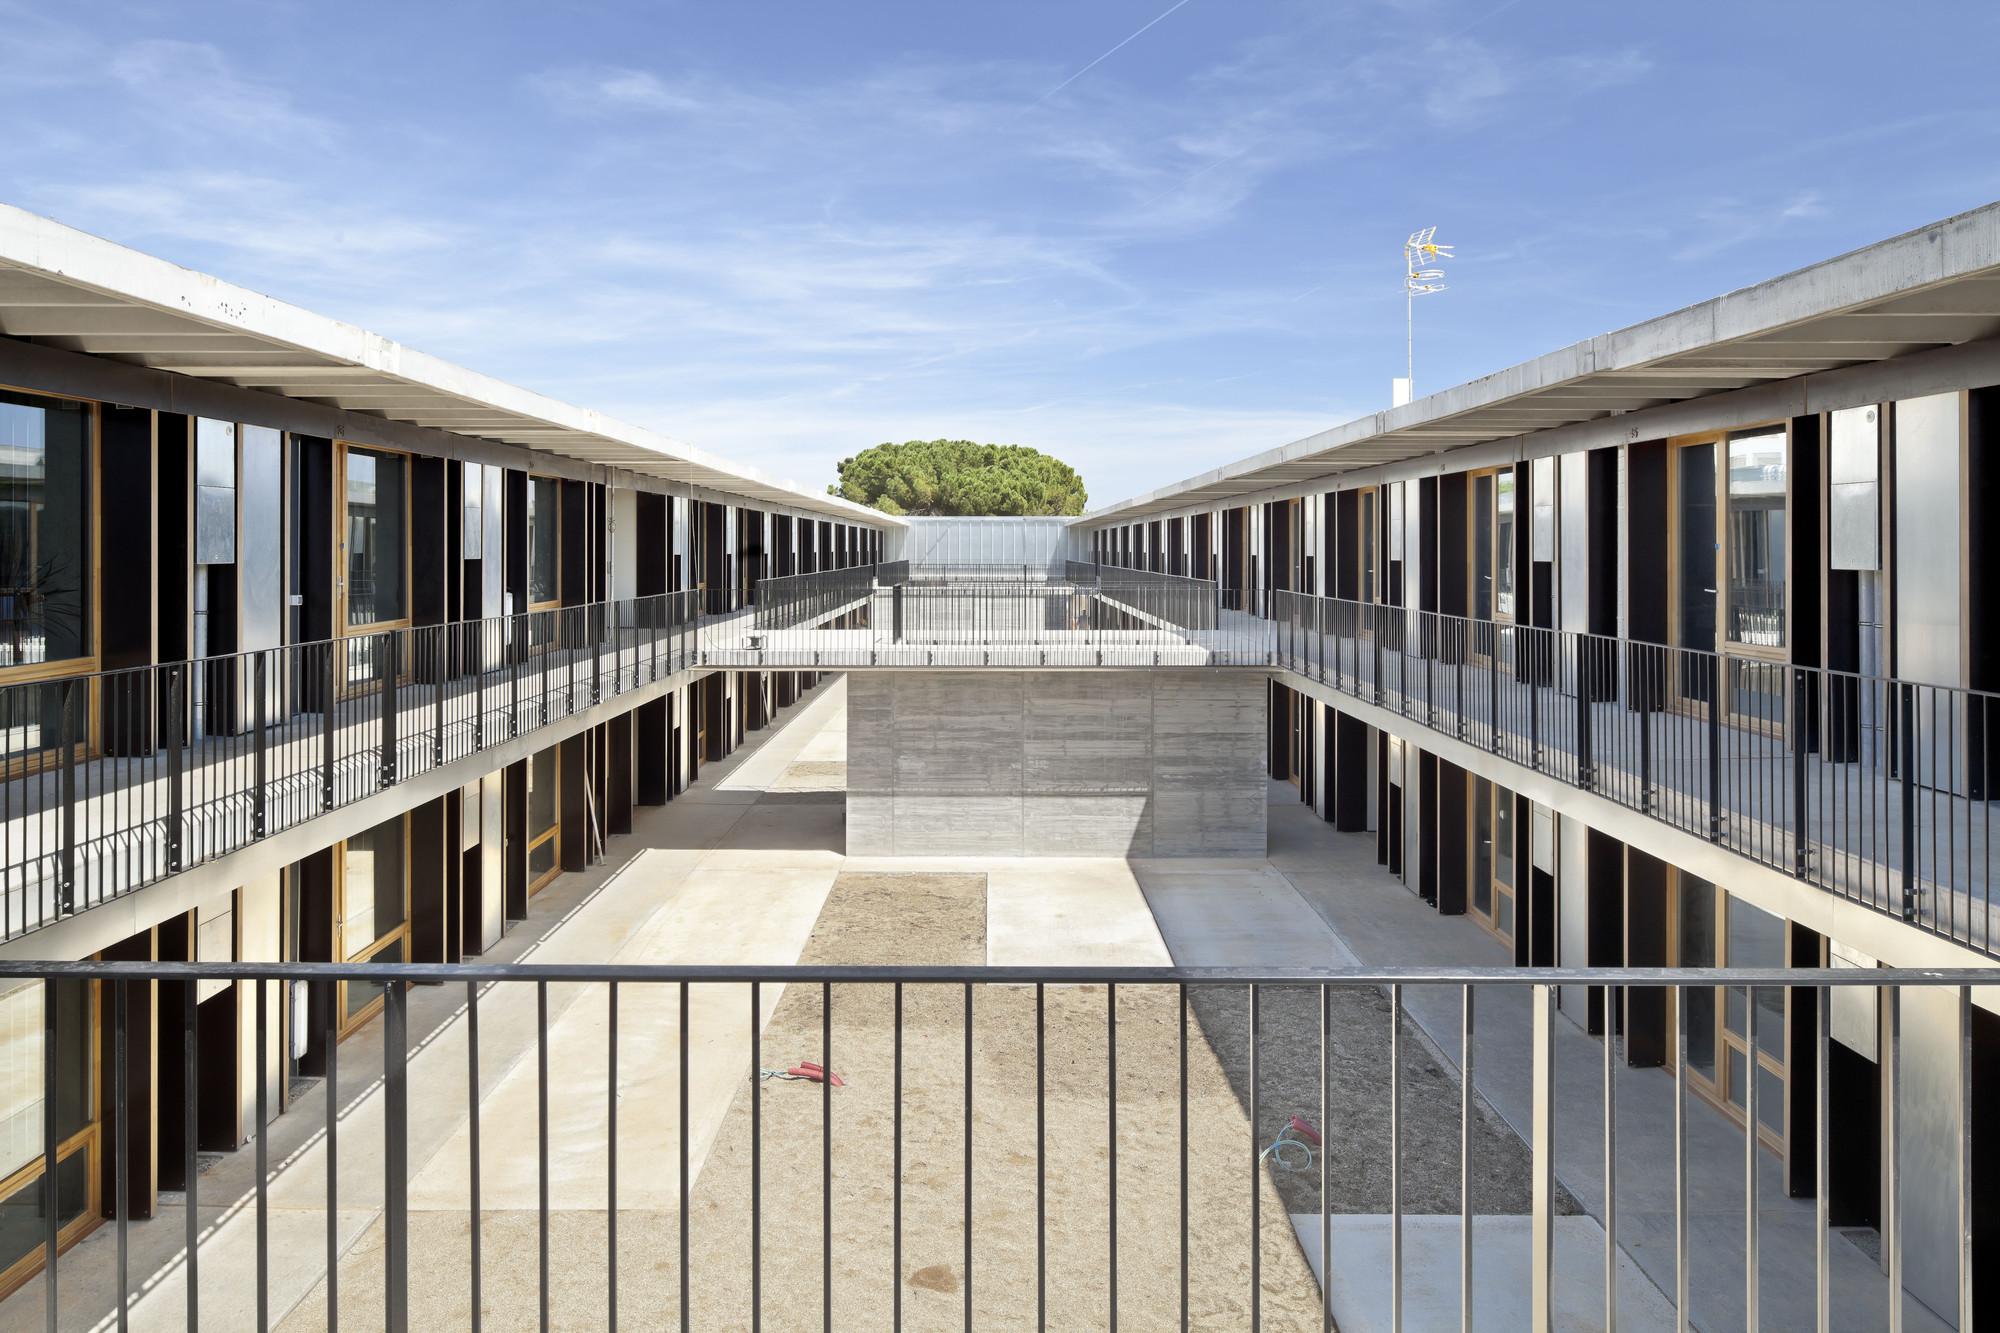 57 Viviendas Universitarias En El Campus De L'Etsav / H Arquitectes + dataAE, © Adrià Goula